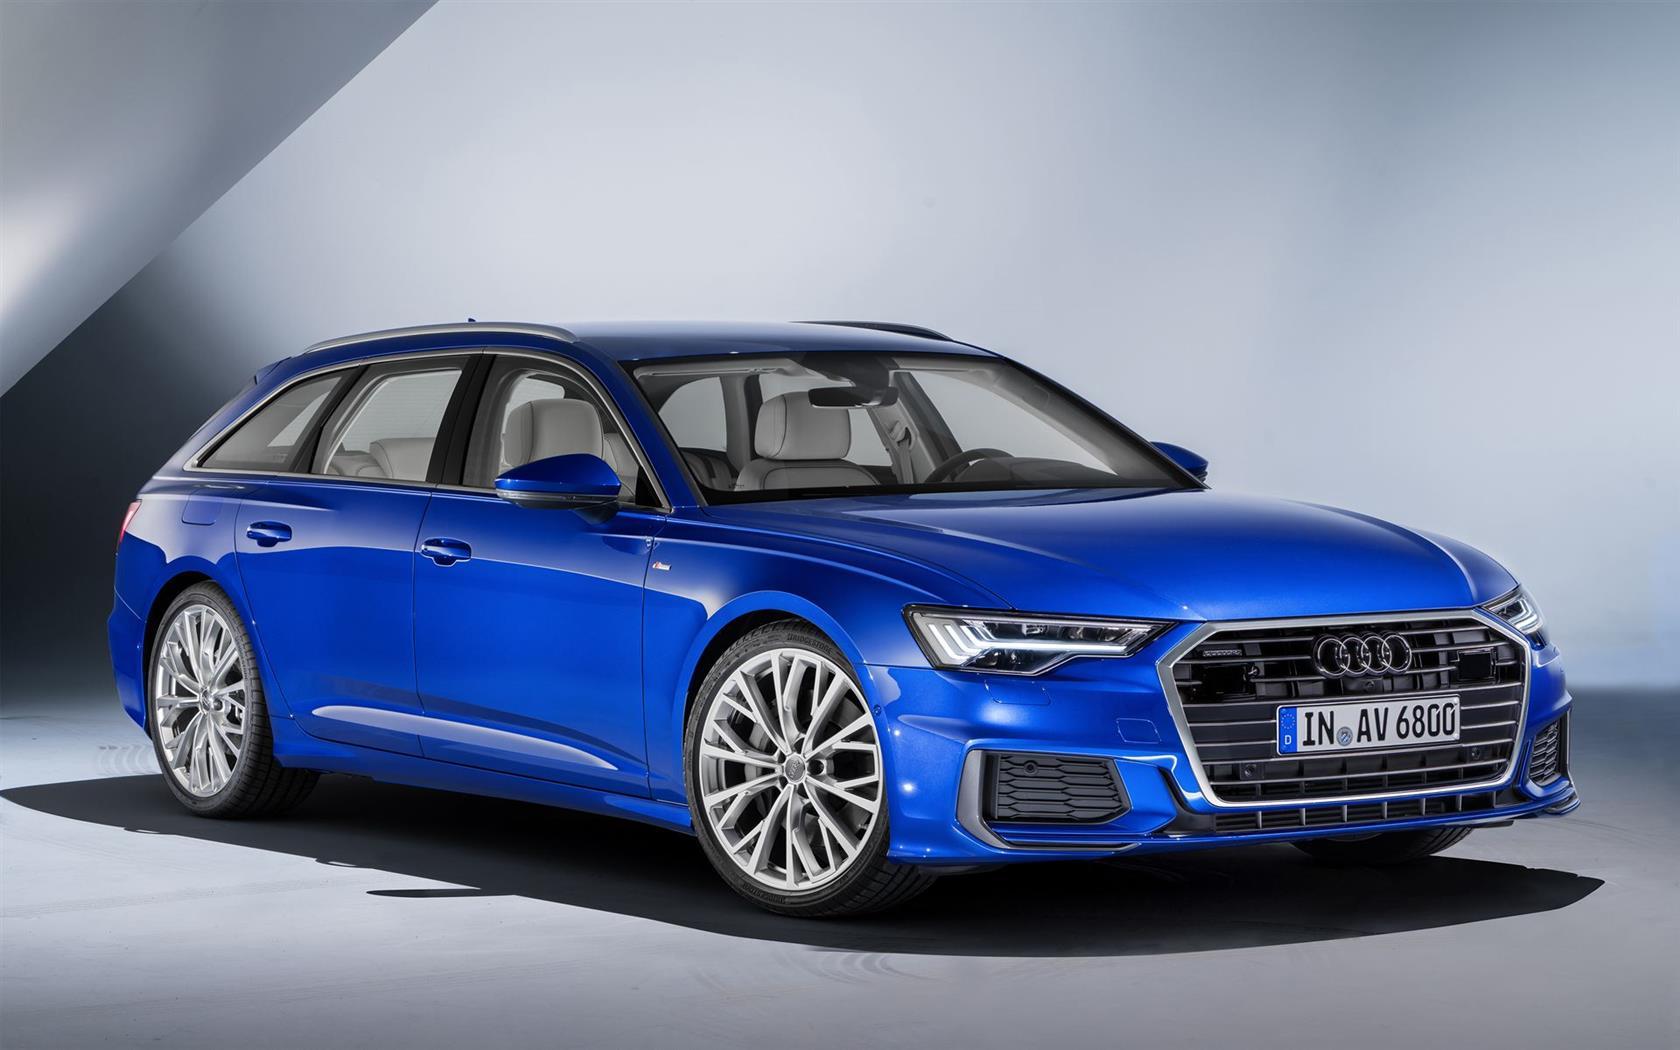 2018 Audi A6 Avant